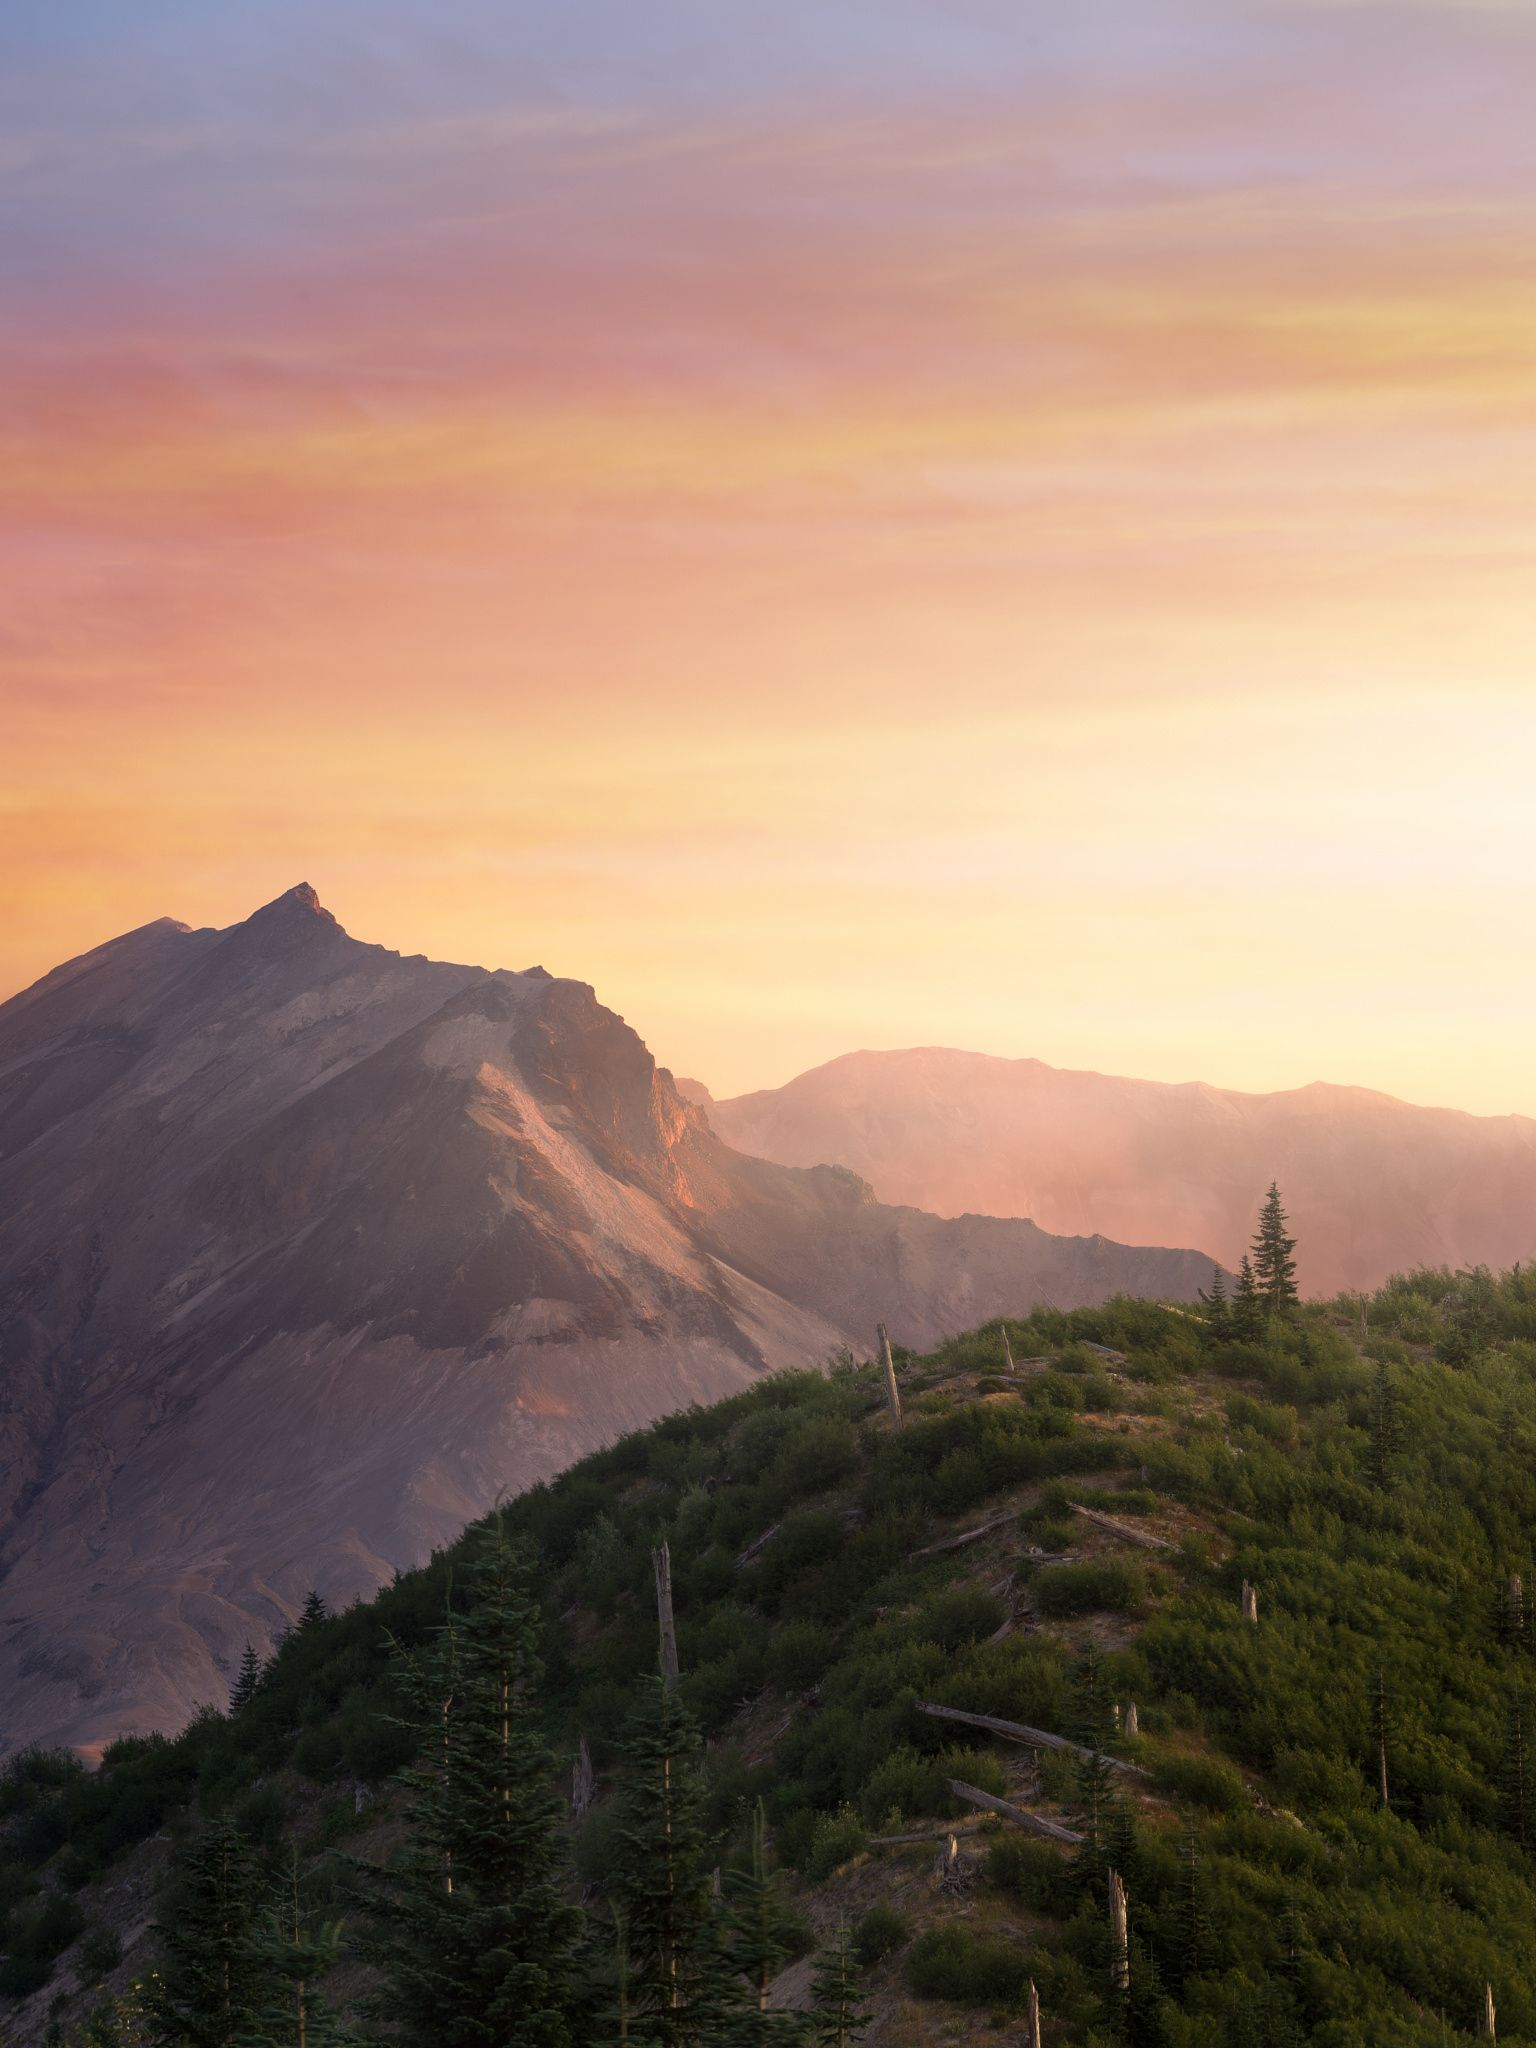 Mount St. Helens sunset by Jens Böhme on 500px